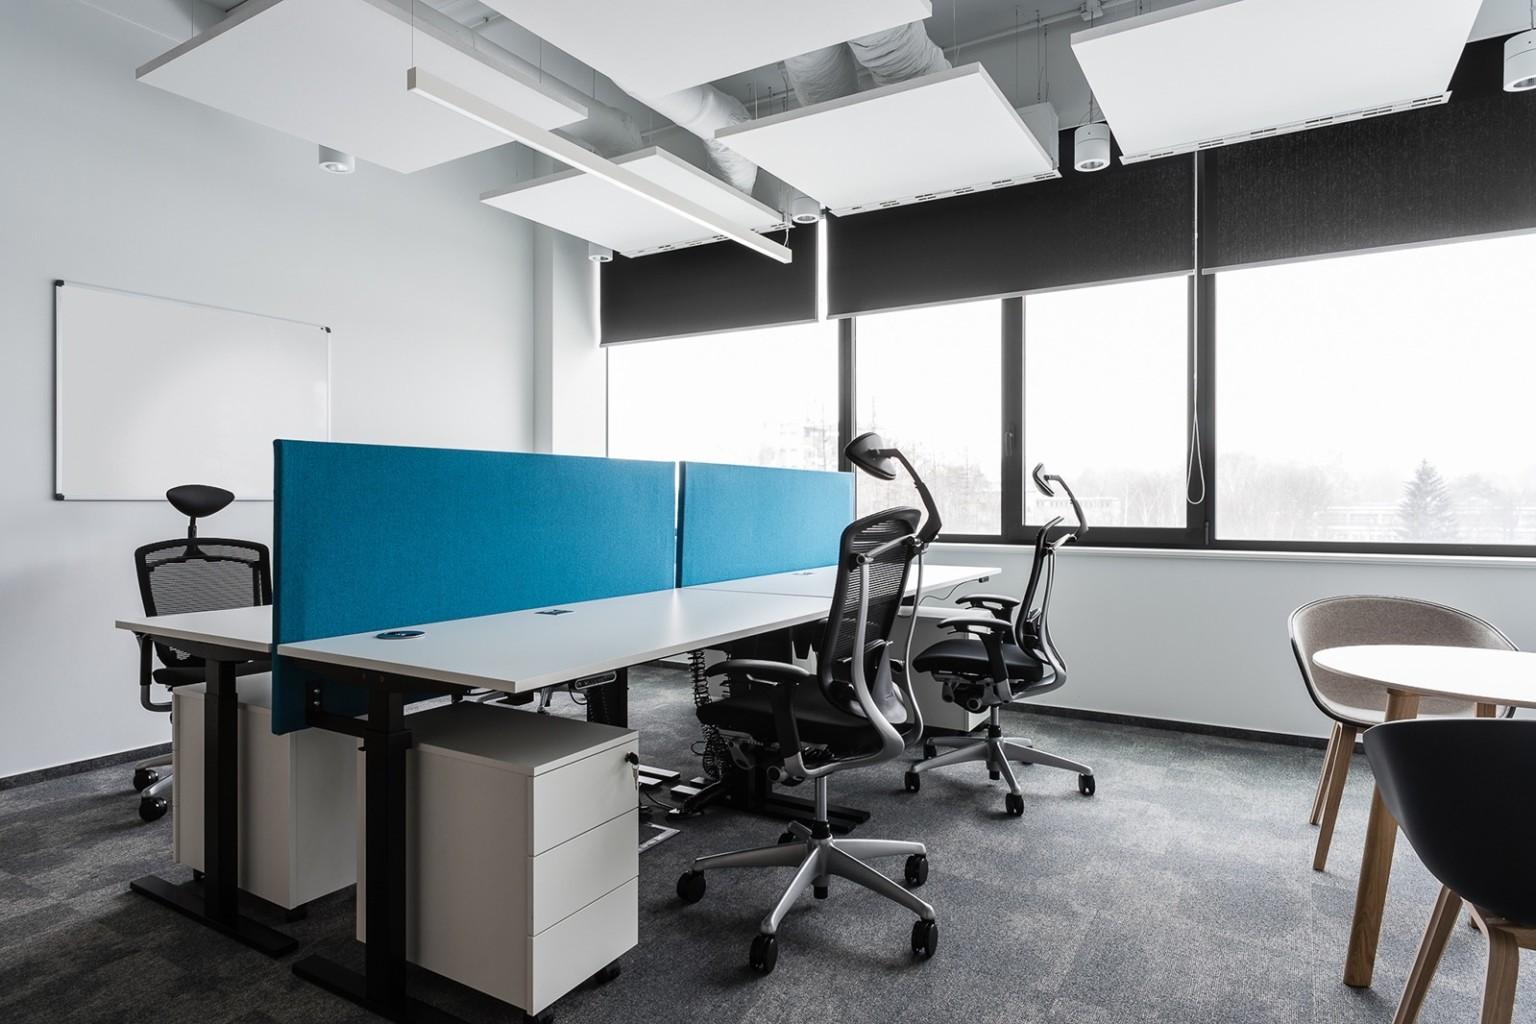 eset-office-krakow-12-768x512@2x.jpg